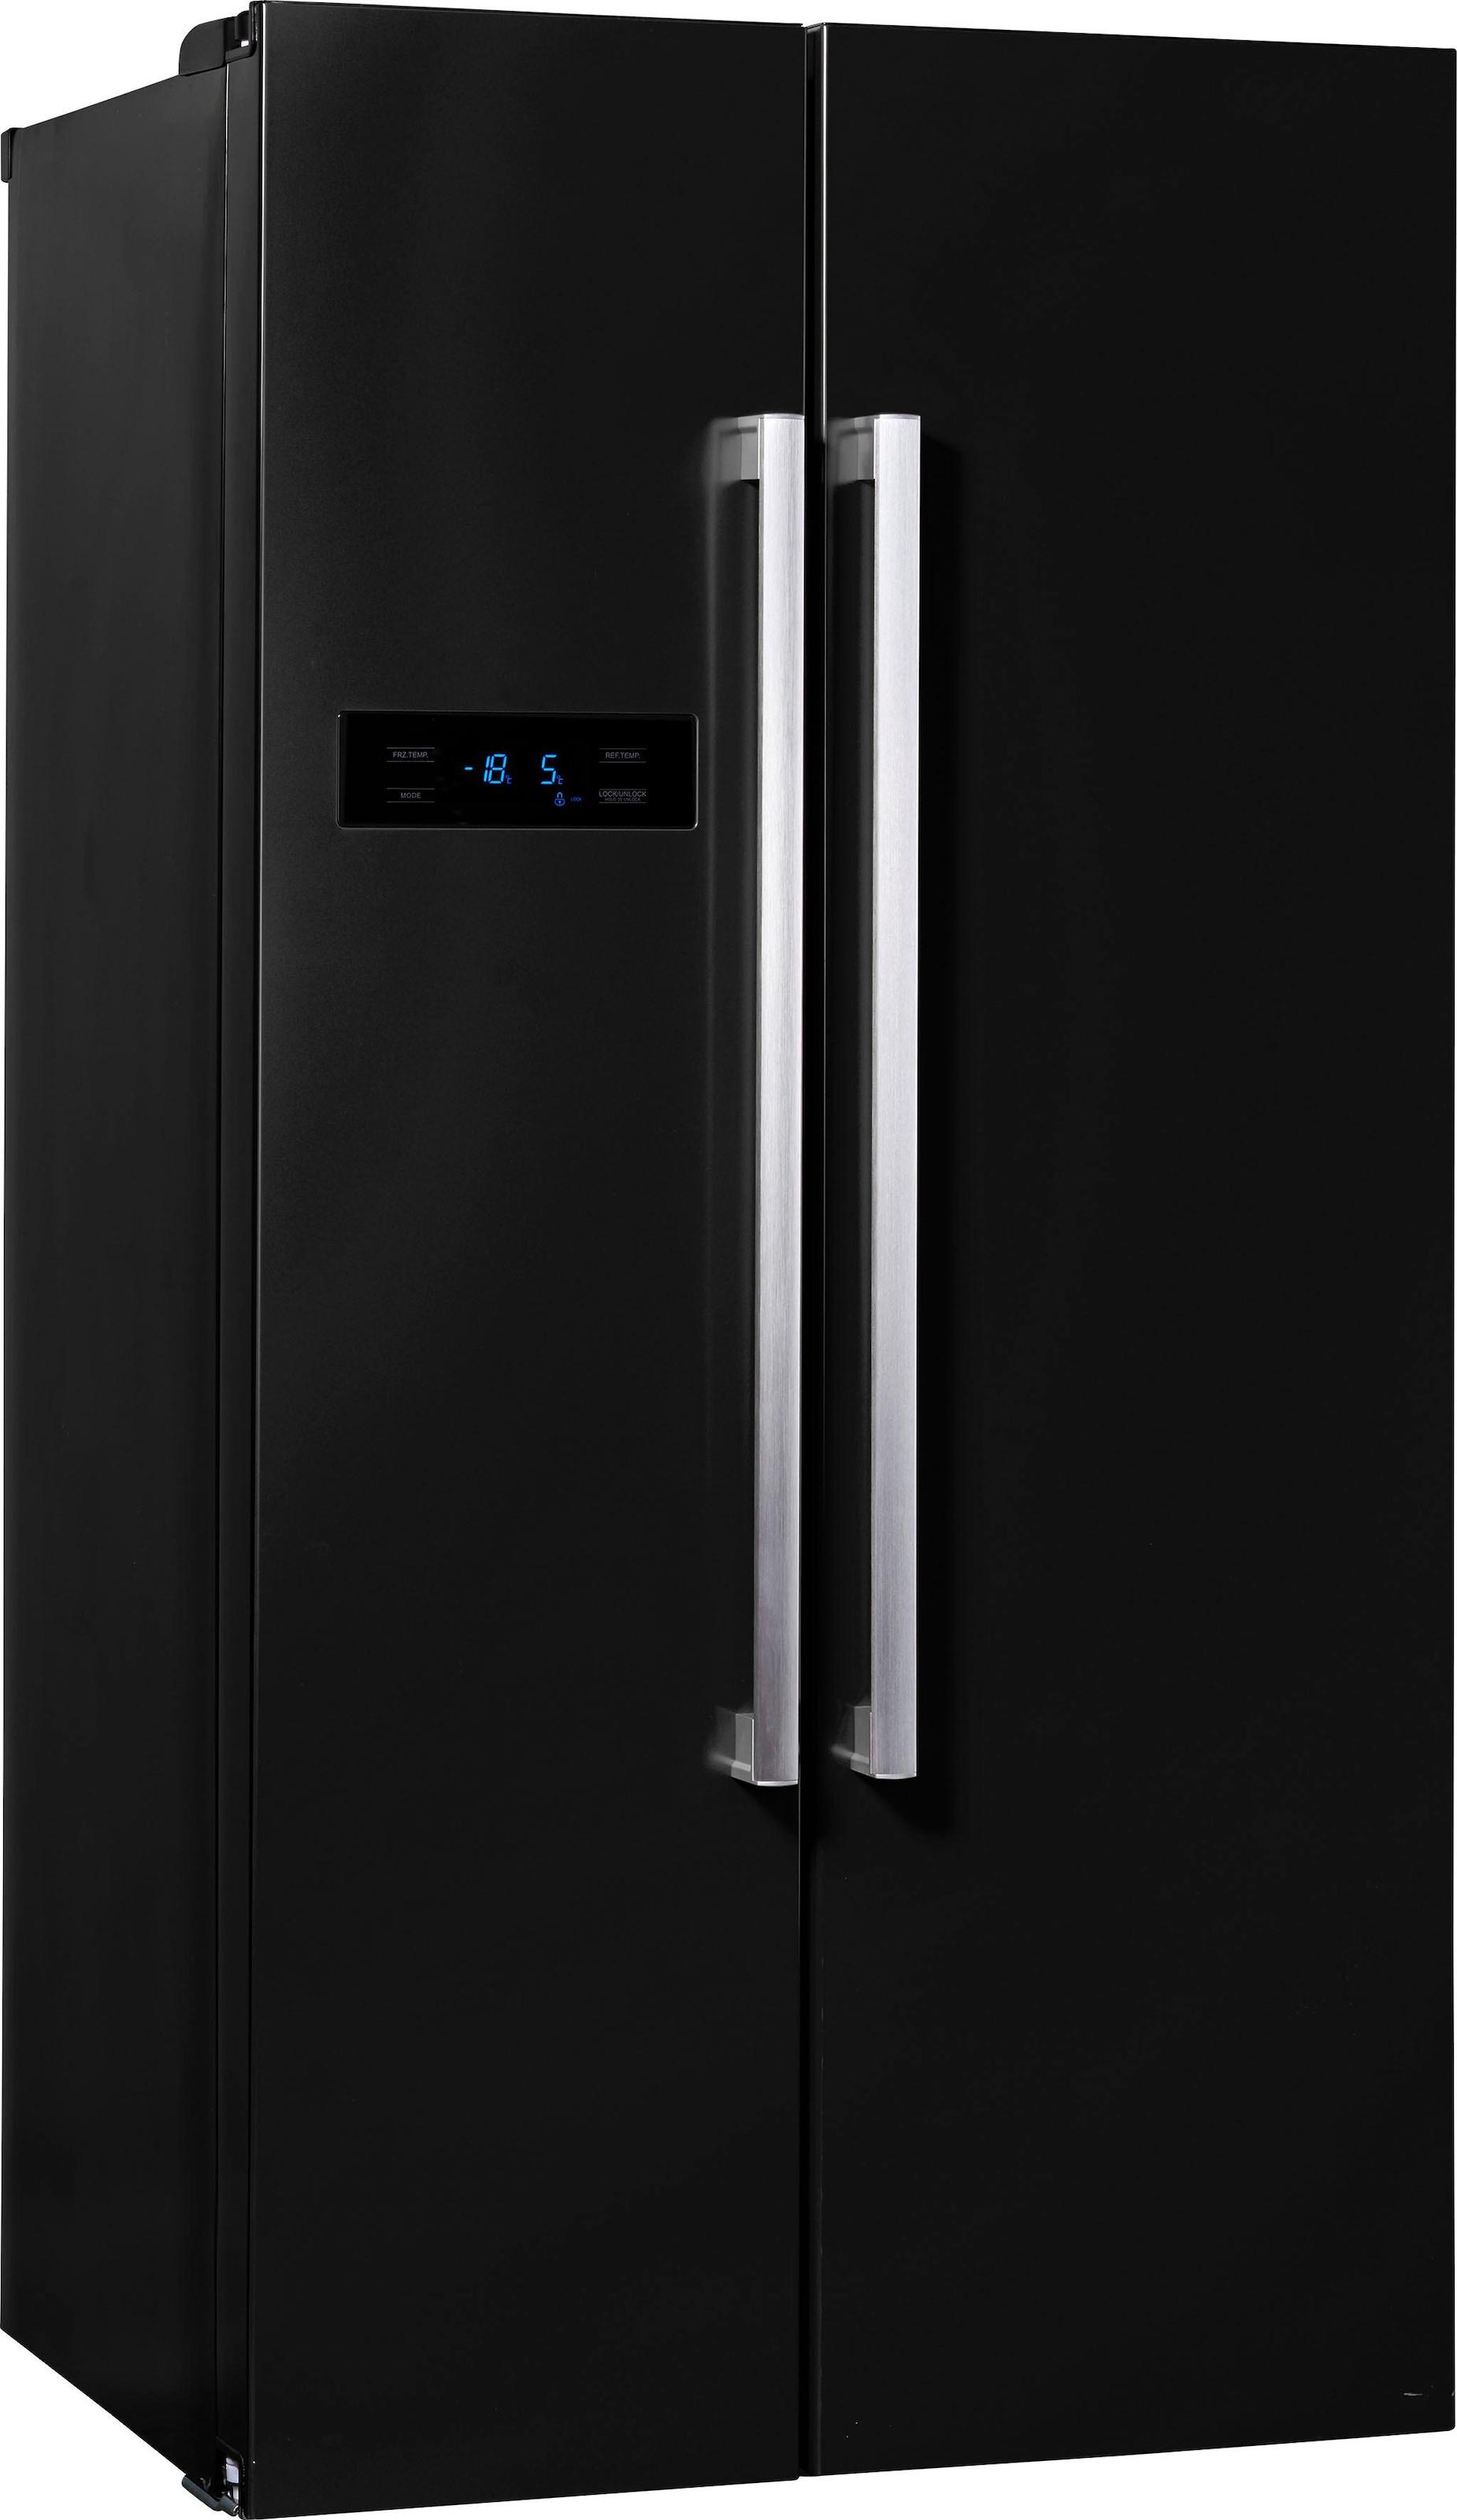 Aeg Kühlschrank Side By Side : Side by side kühlschrank auf rechnung raten kaufen